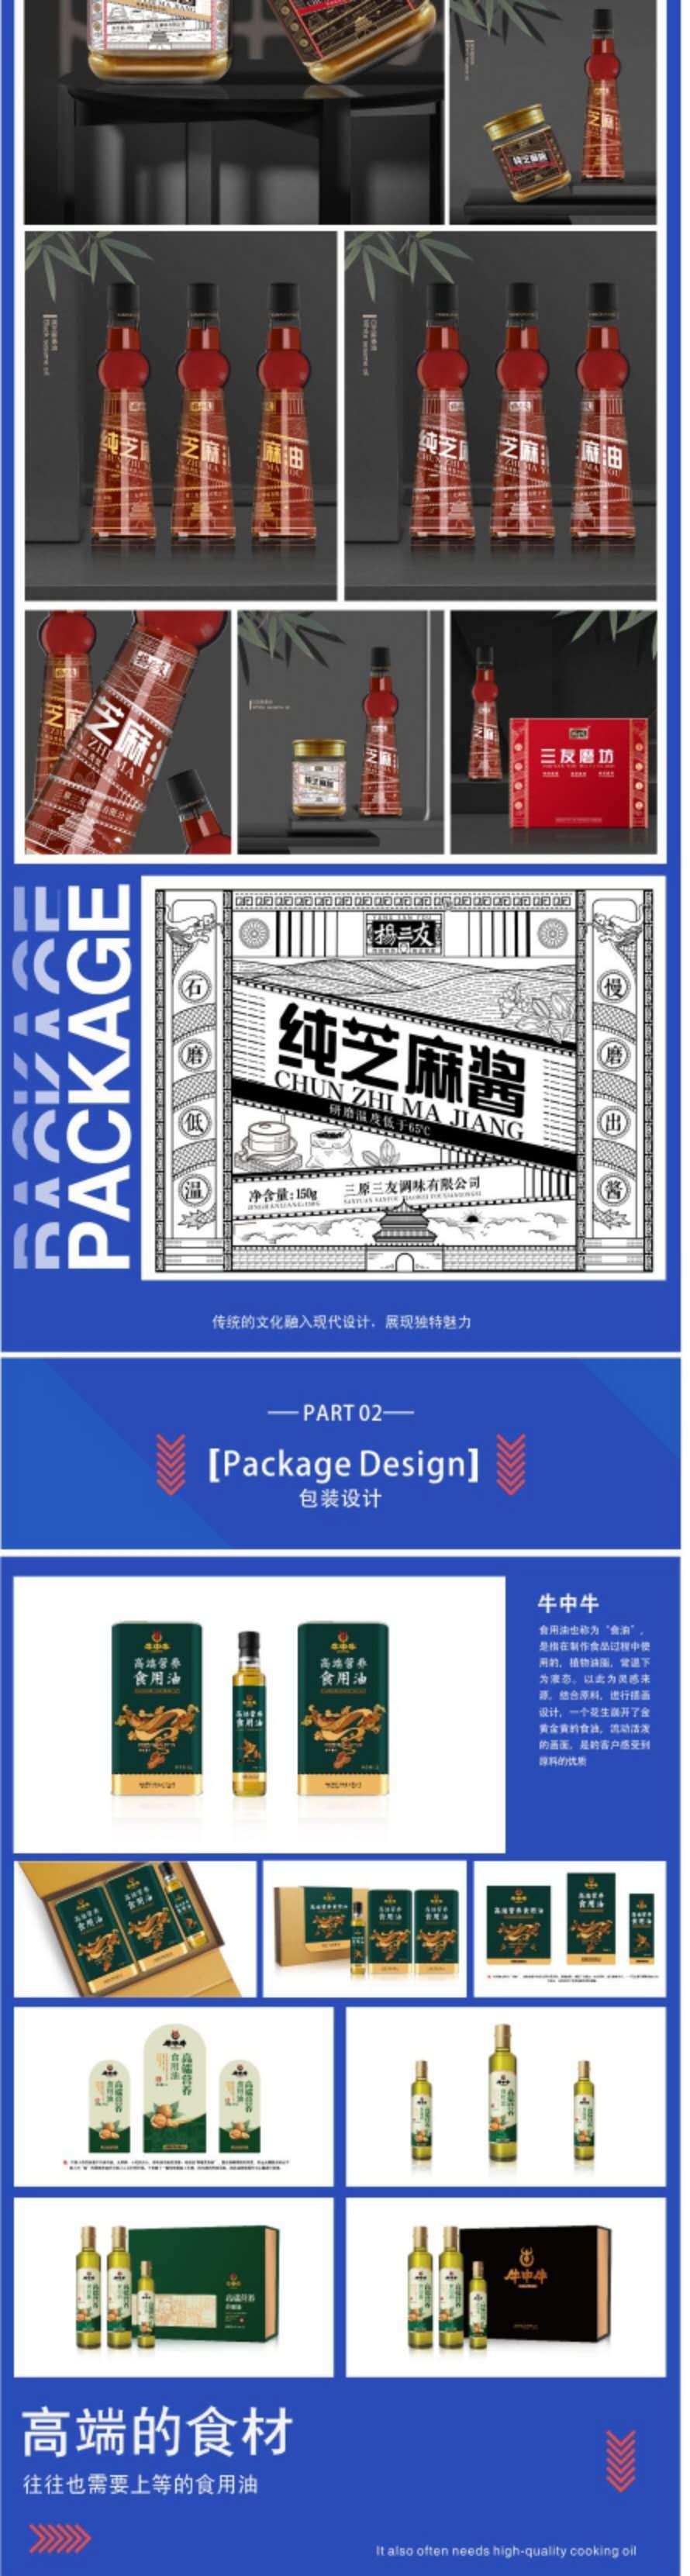 白酒包装,啤酒包装,食品包装,口罩包装,食用油包装